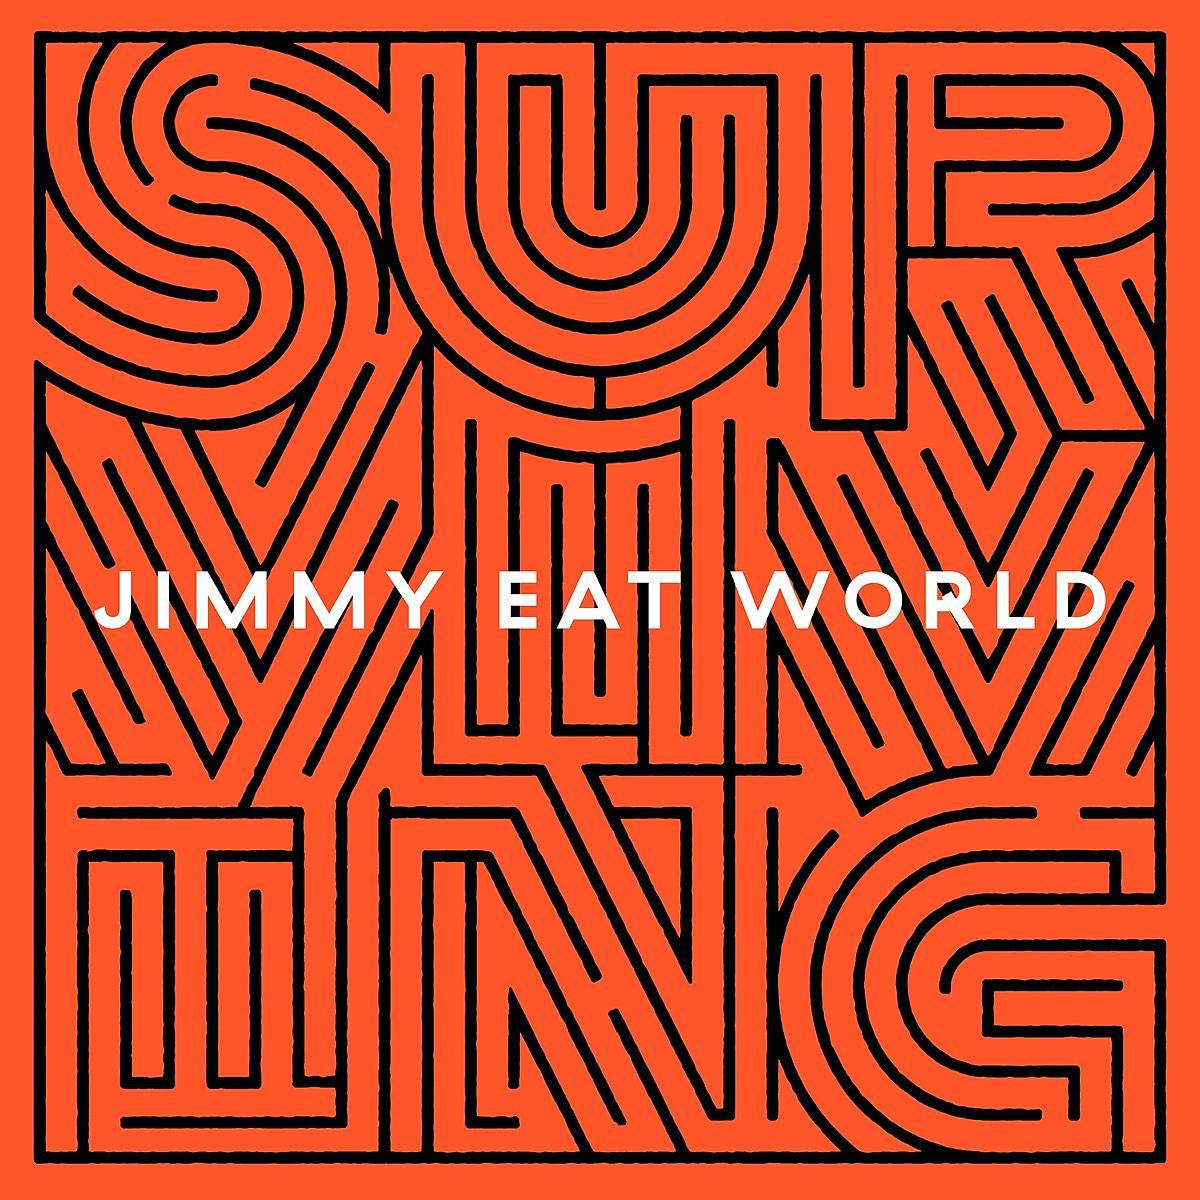 jimmy-eat-world-surviving-album-cover